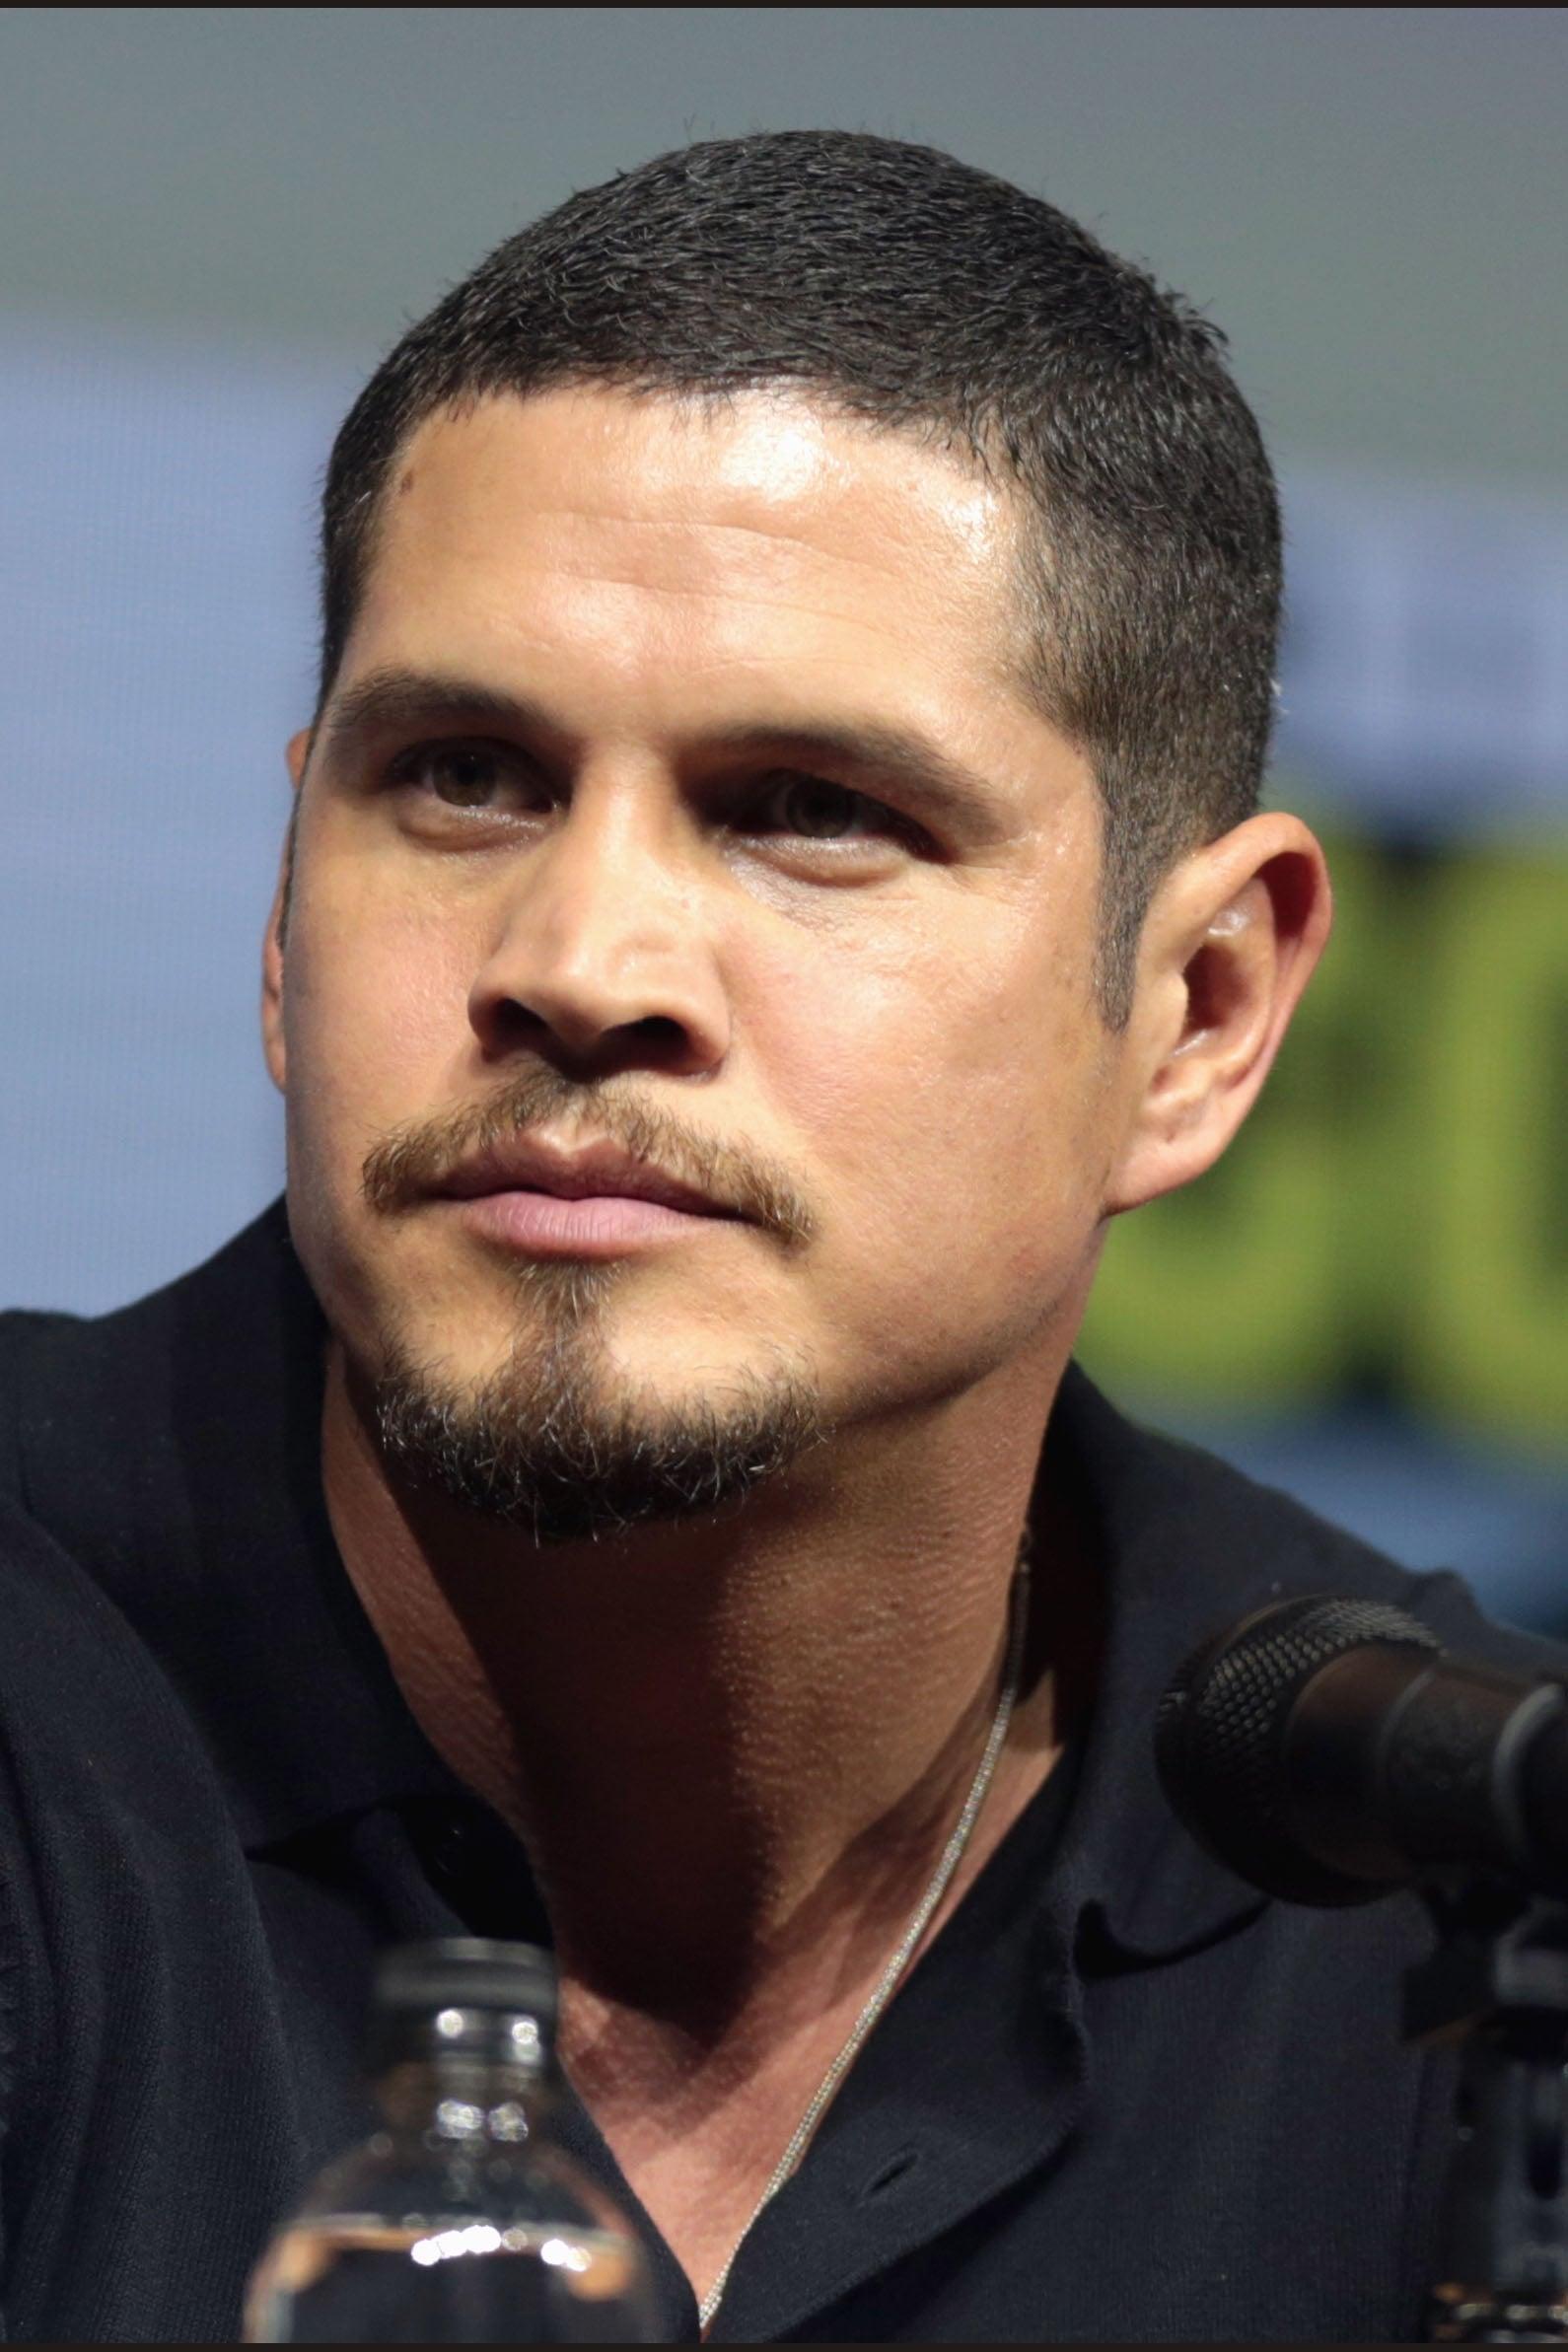 J. D. Pardo isEzekiel 'EZ' Reyes